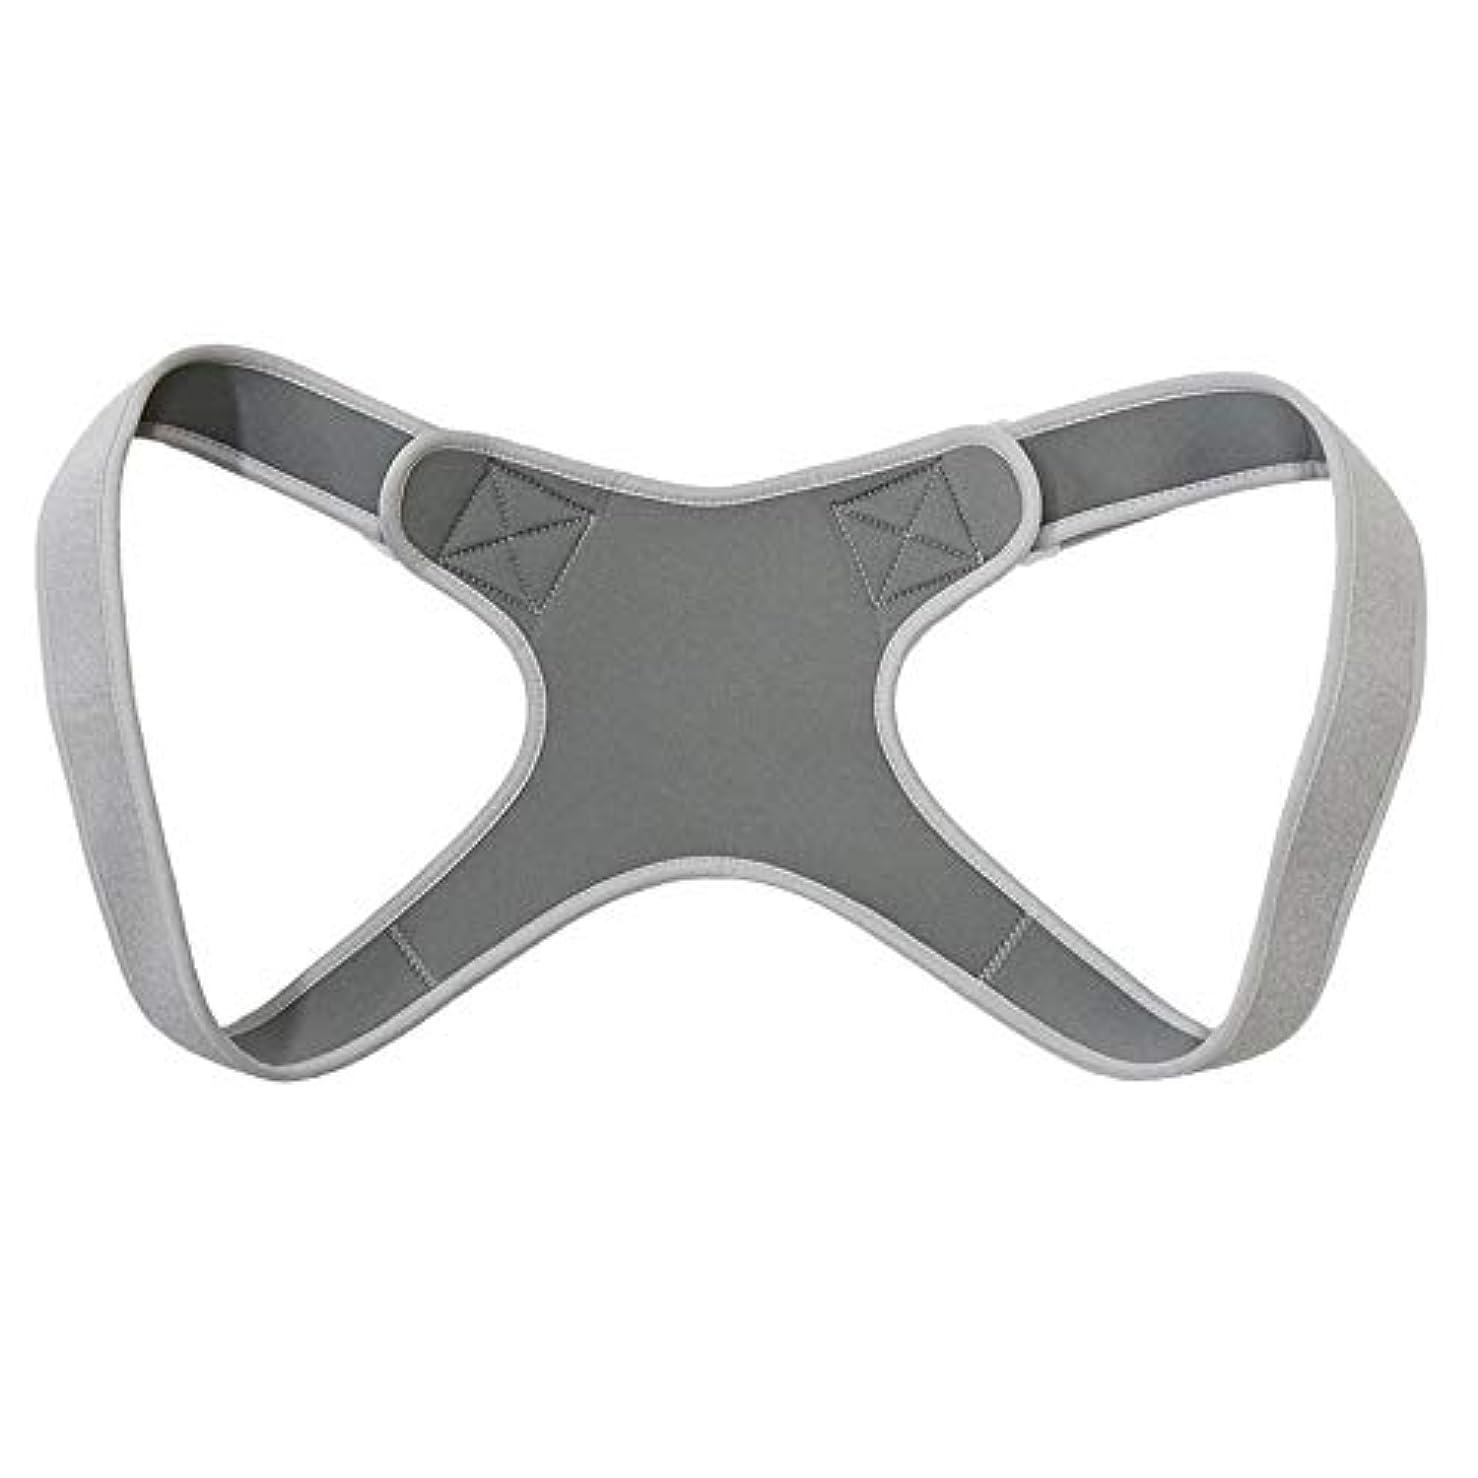 カウンタレトルト掃く新しいアッパーバックポスチャーコレクター姿勢鎖骨サポートコレクターバックストレートショルダーブレースストラップコレクター - グレー